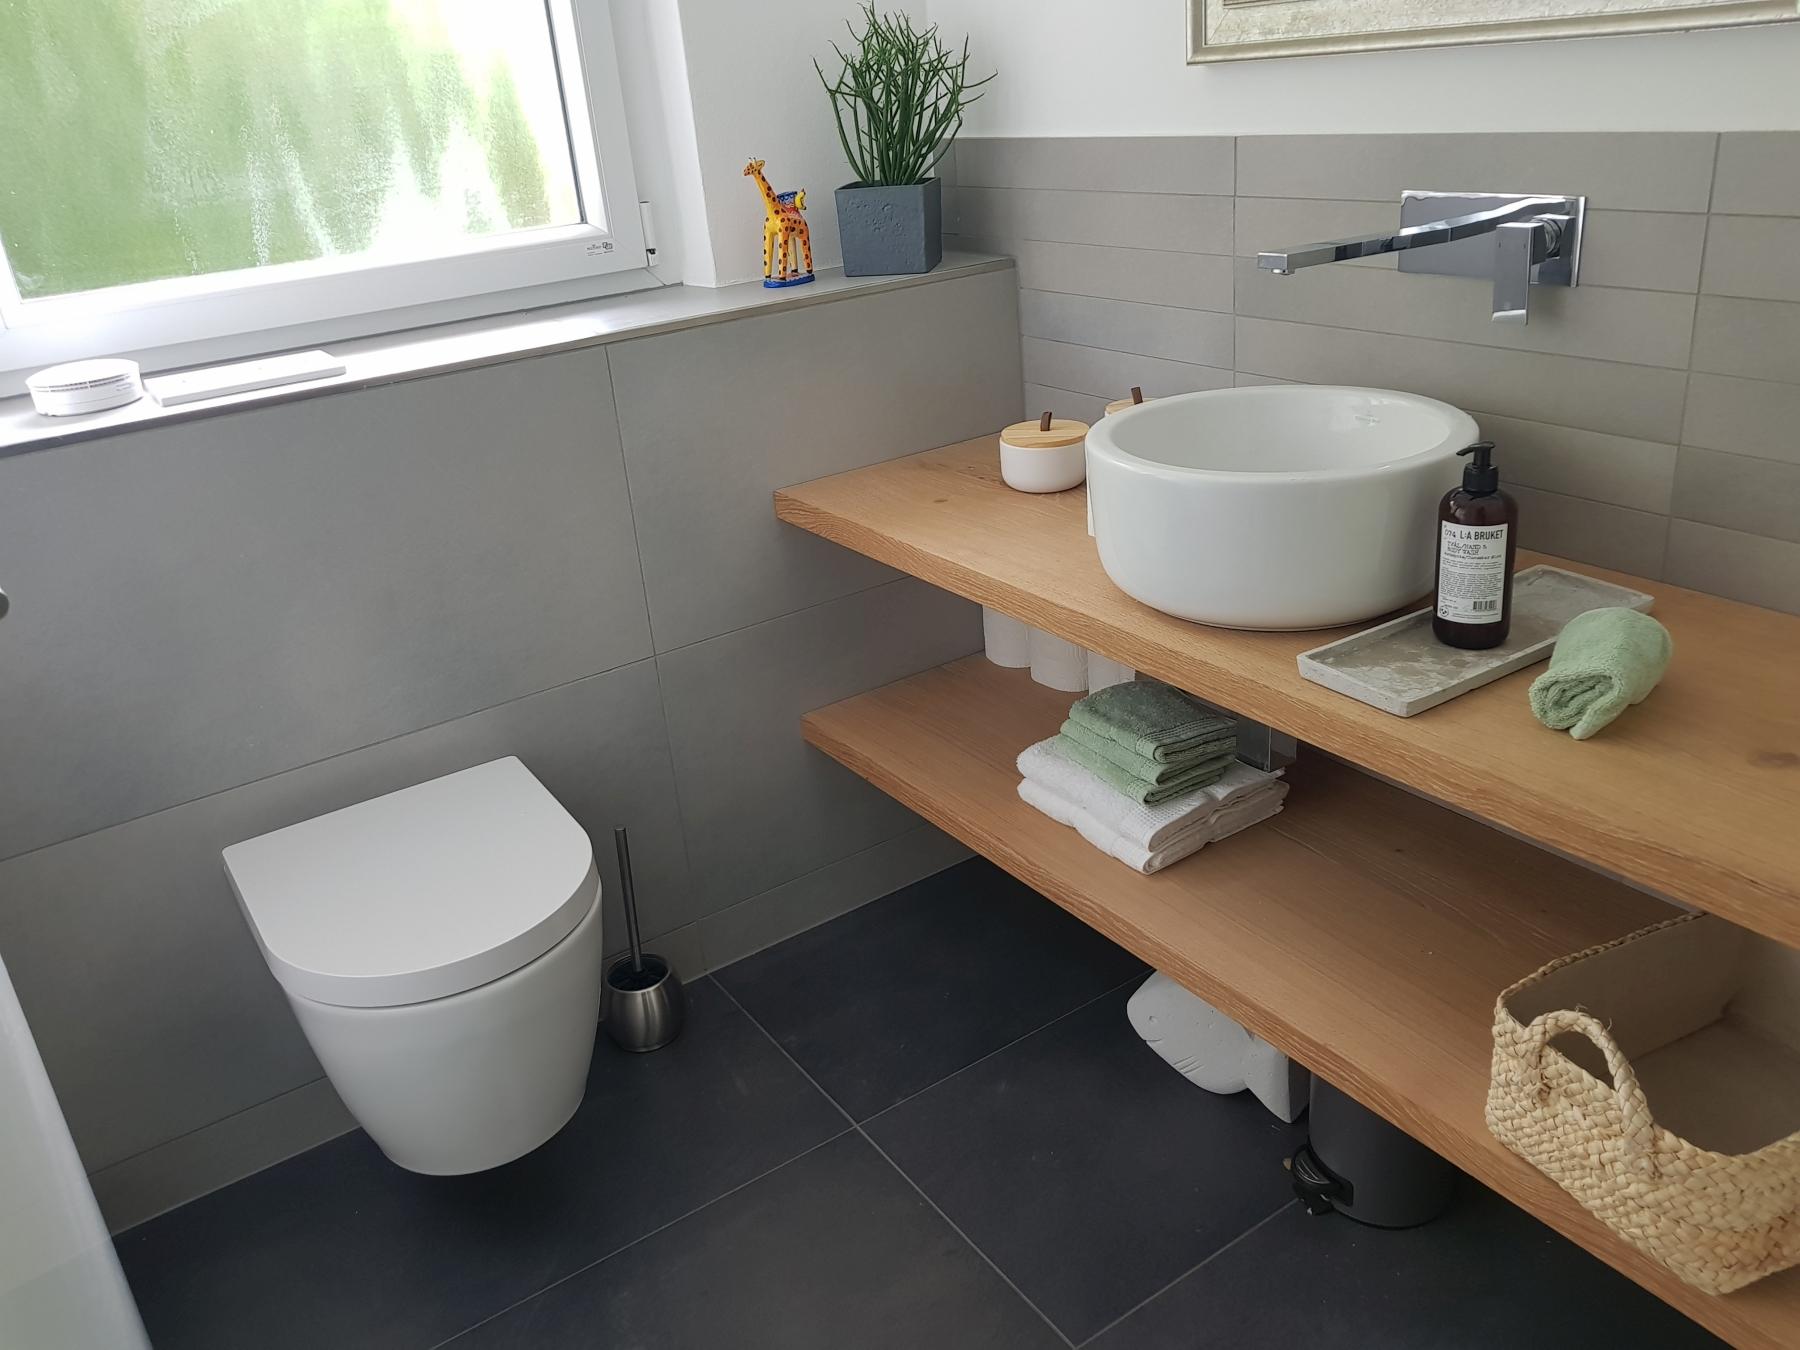 Gäste WC Villeroy & Boch - Willkommen bei Schiffbauer Bad ...